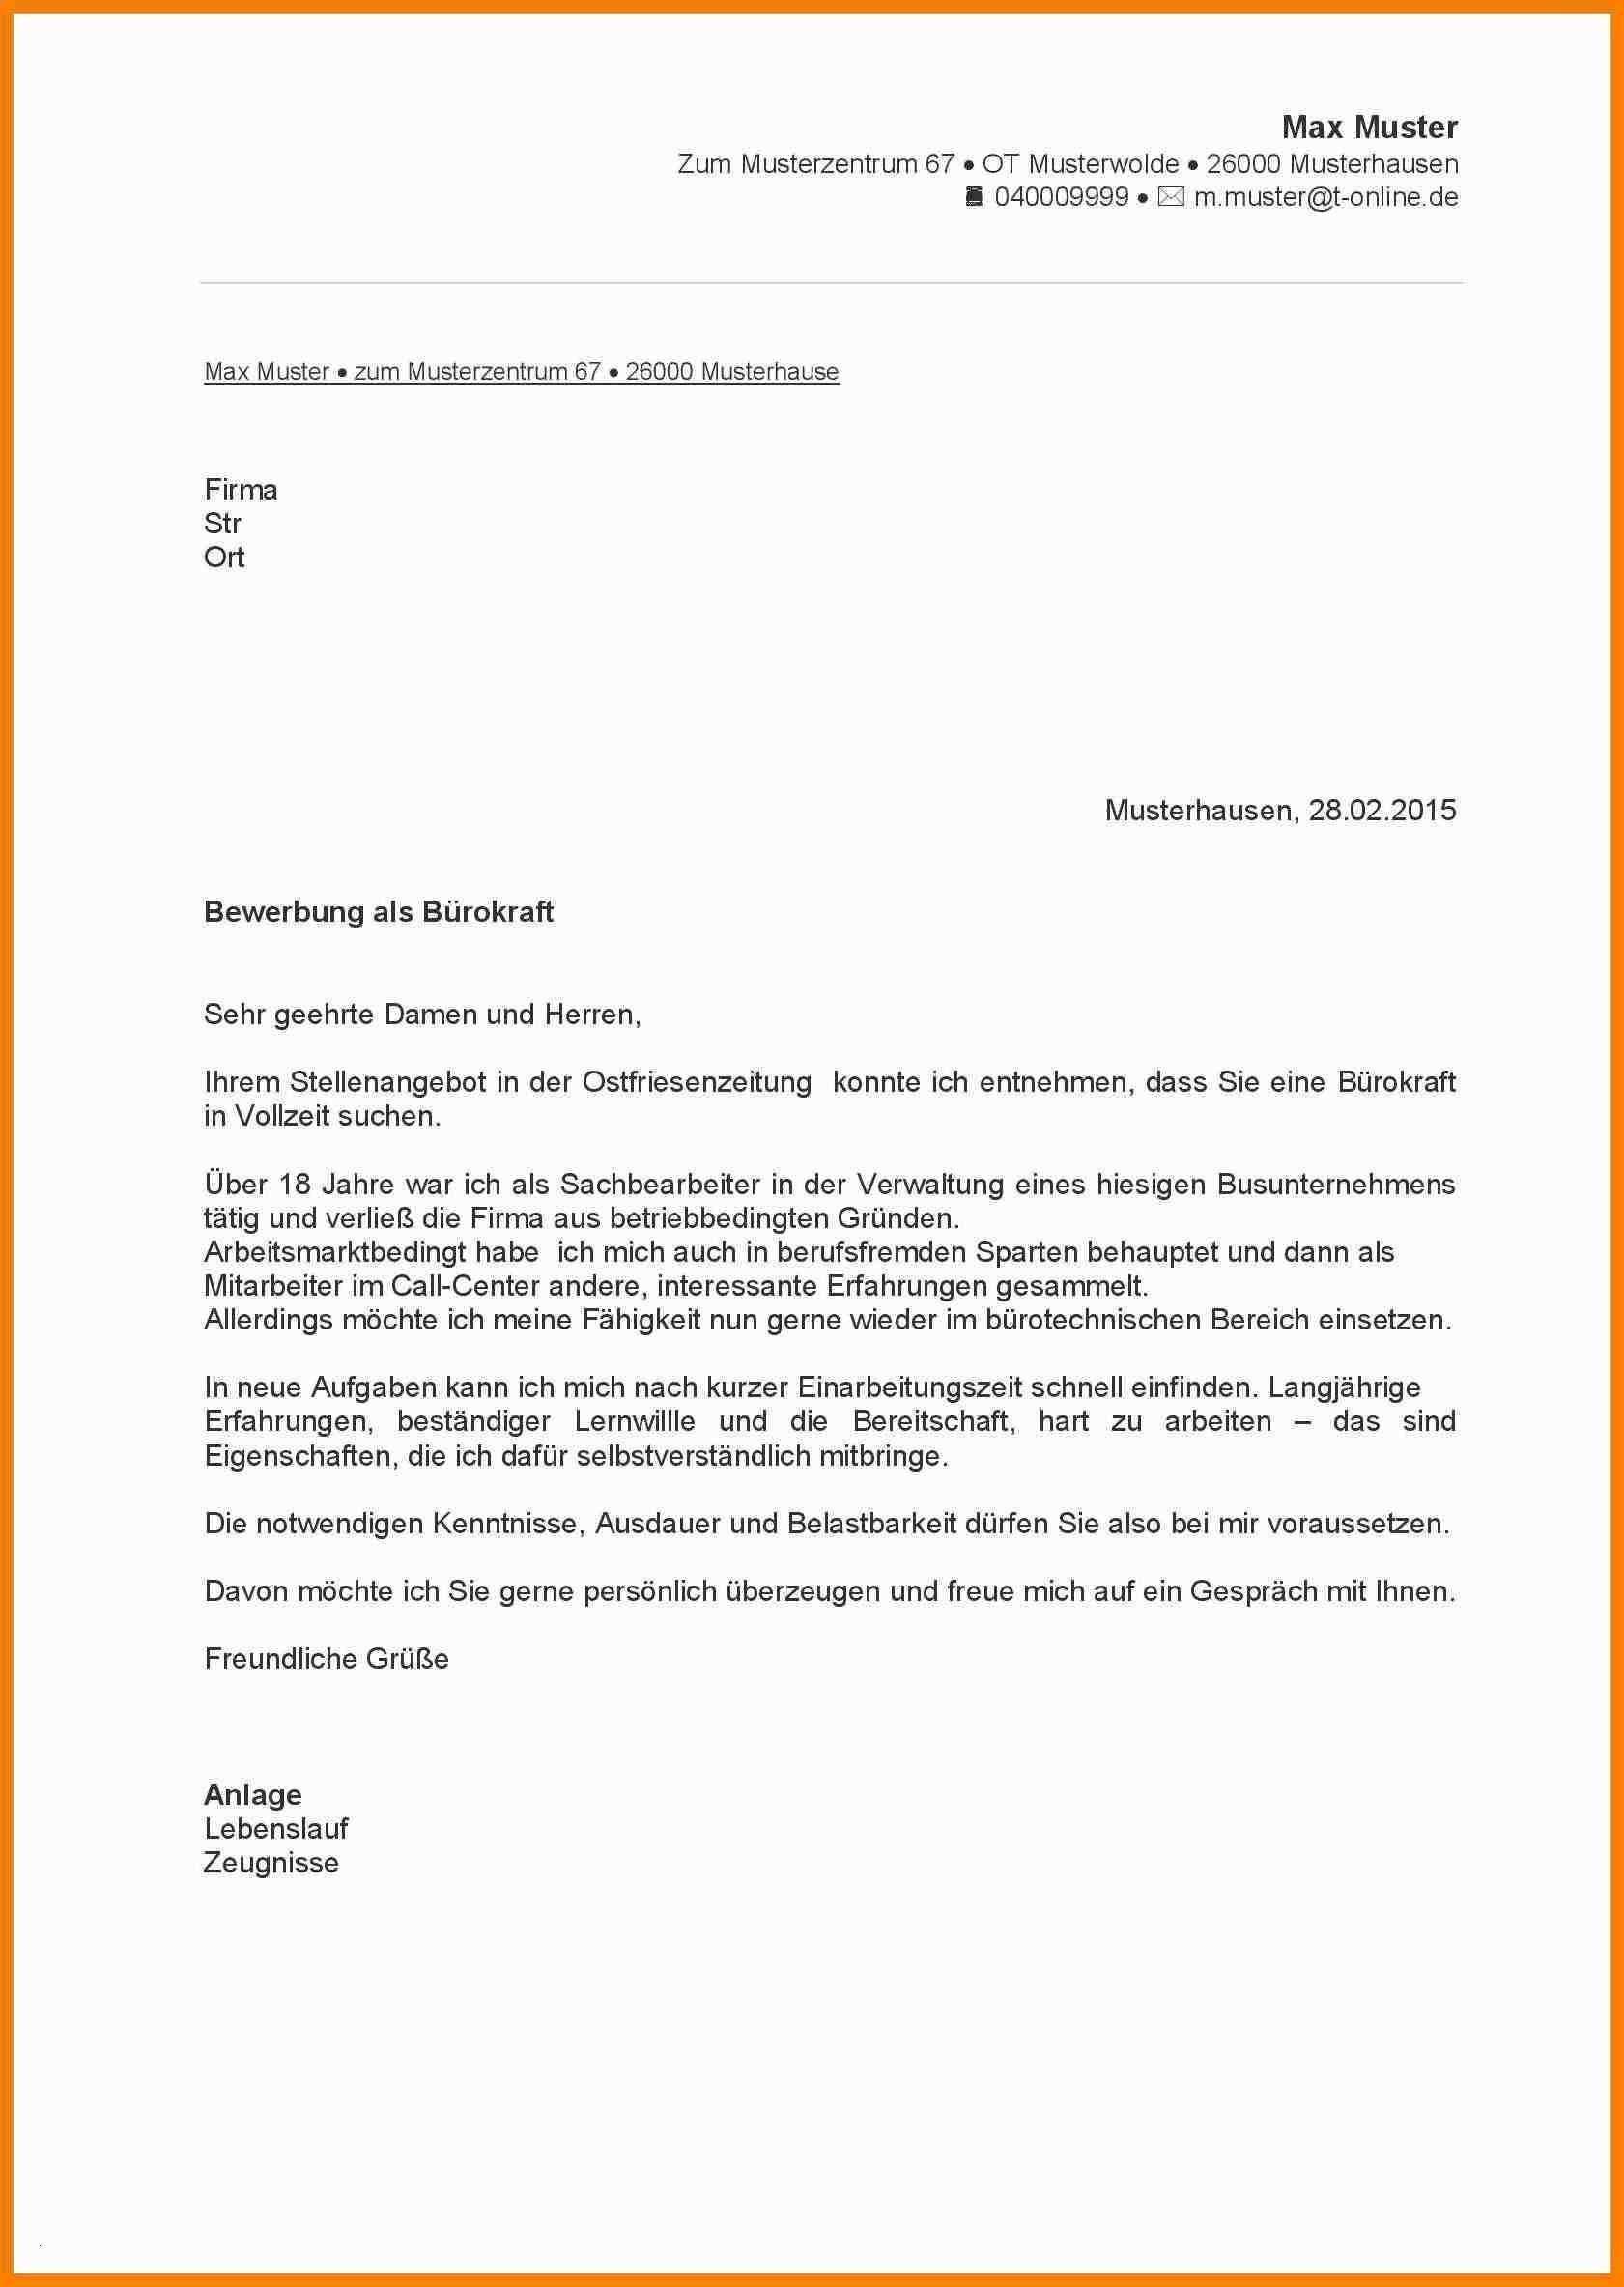 Frisch Bewerbungsvorlage Pdf Briefprobe Briefformat Briefvorlage Bewerbung Schreiben Lebenslauf Lebenslauf Muster